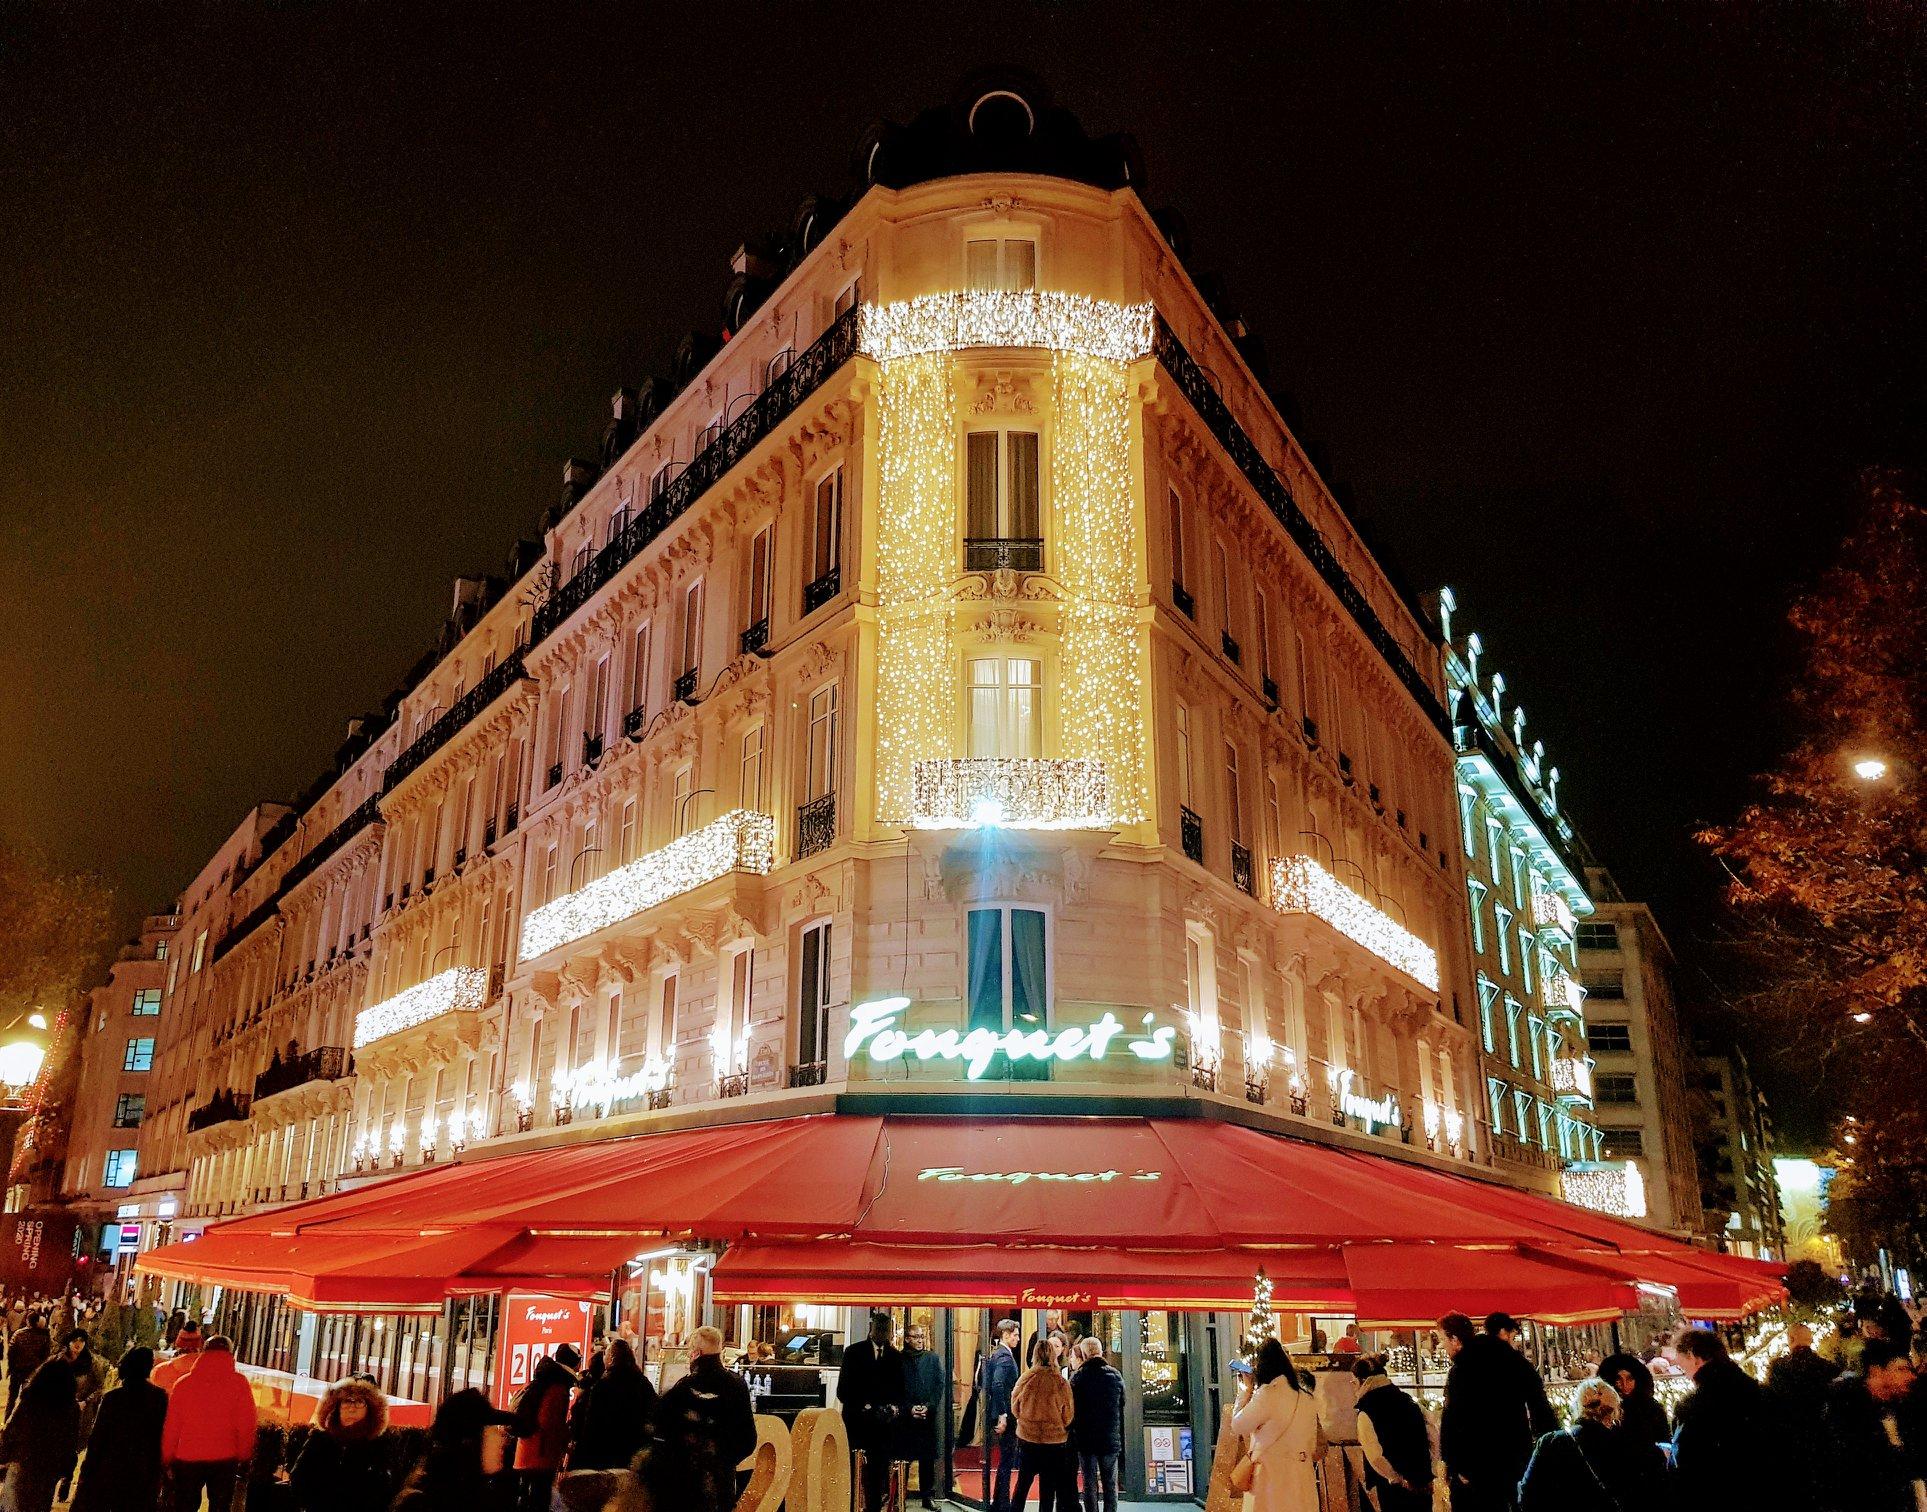 Noël 2019 à l'Hôtel Fouquet's Barrière des Champs Elysées